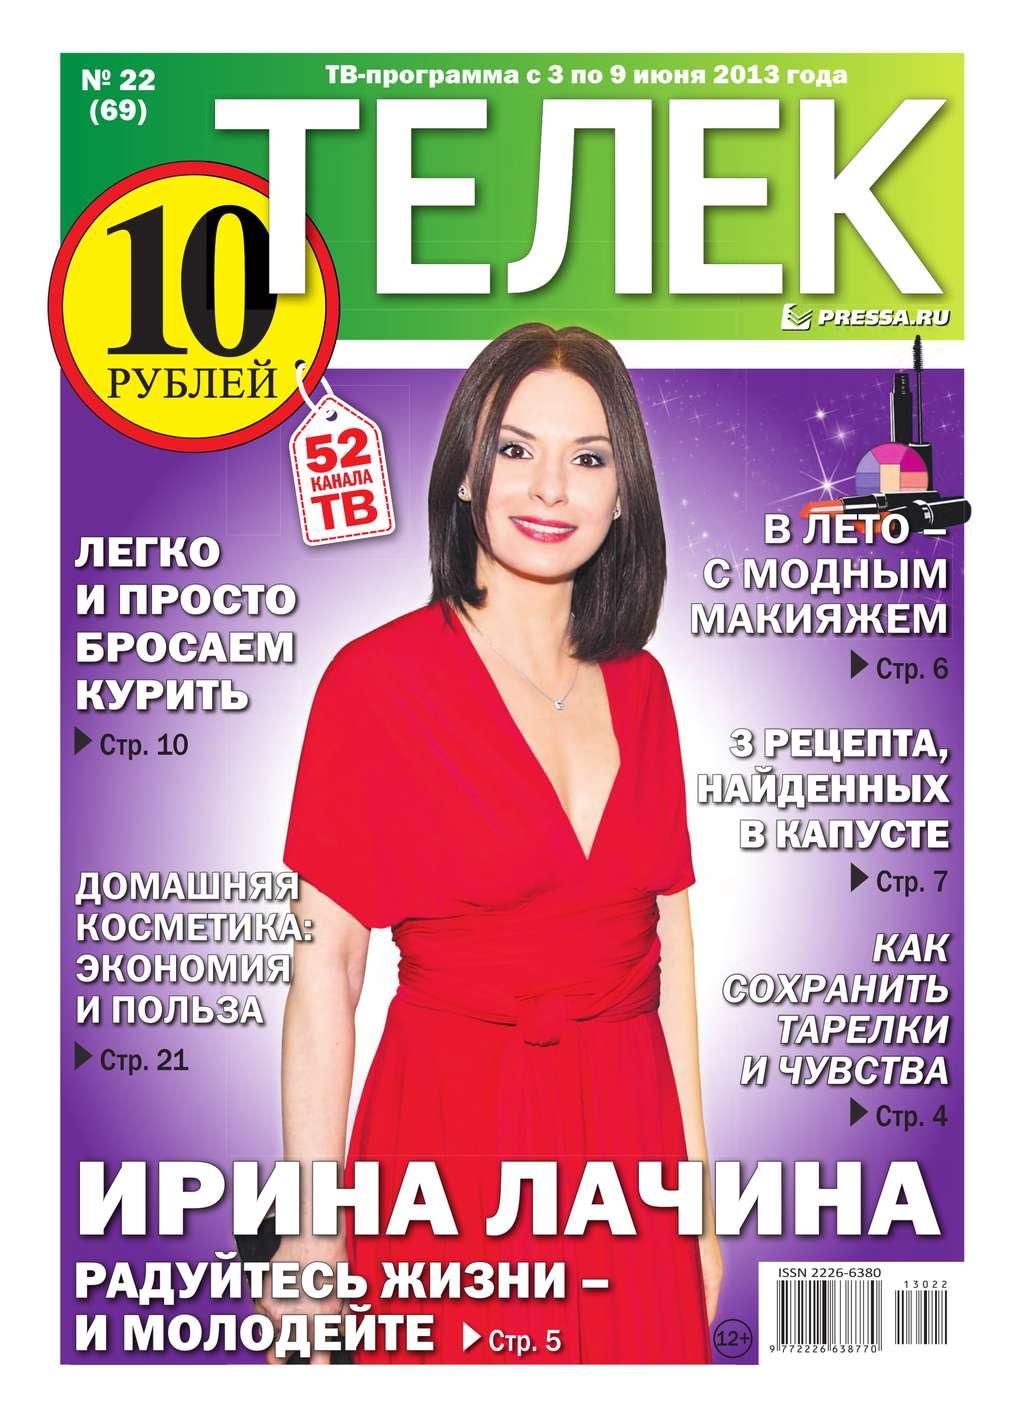 Редакция газеты Телек Pressa.ru Телек 22-2013